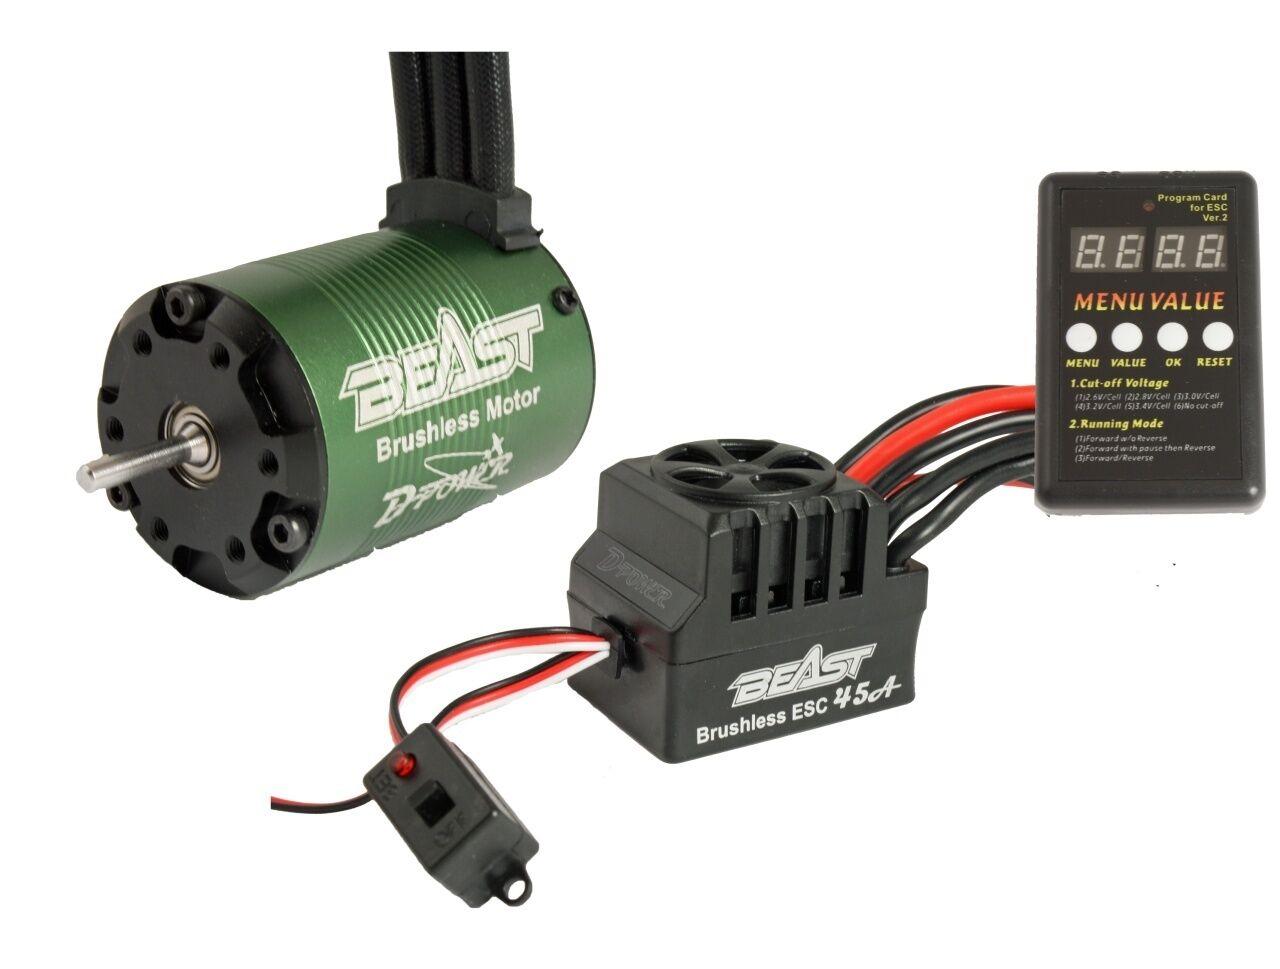 D-power Beast combo Fun (dpba 365001c)